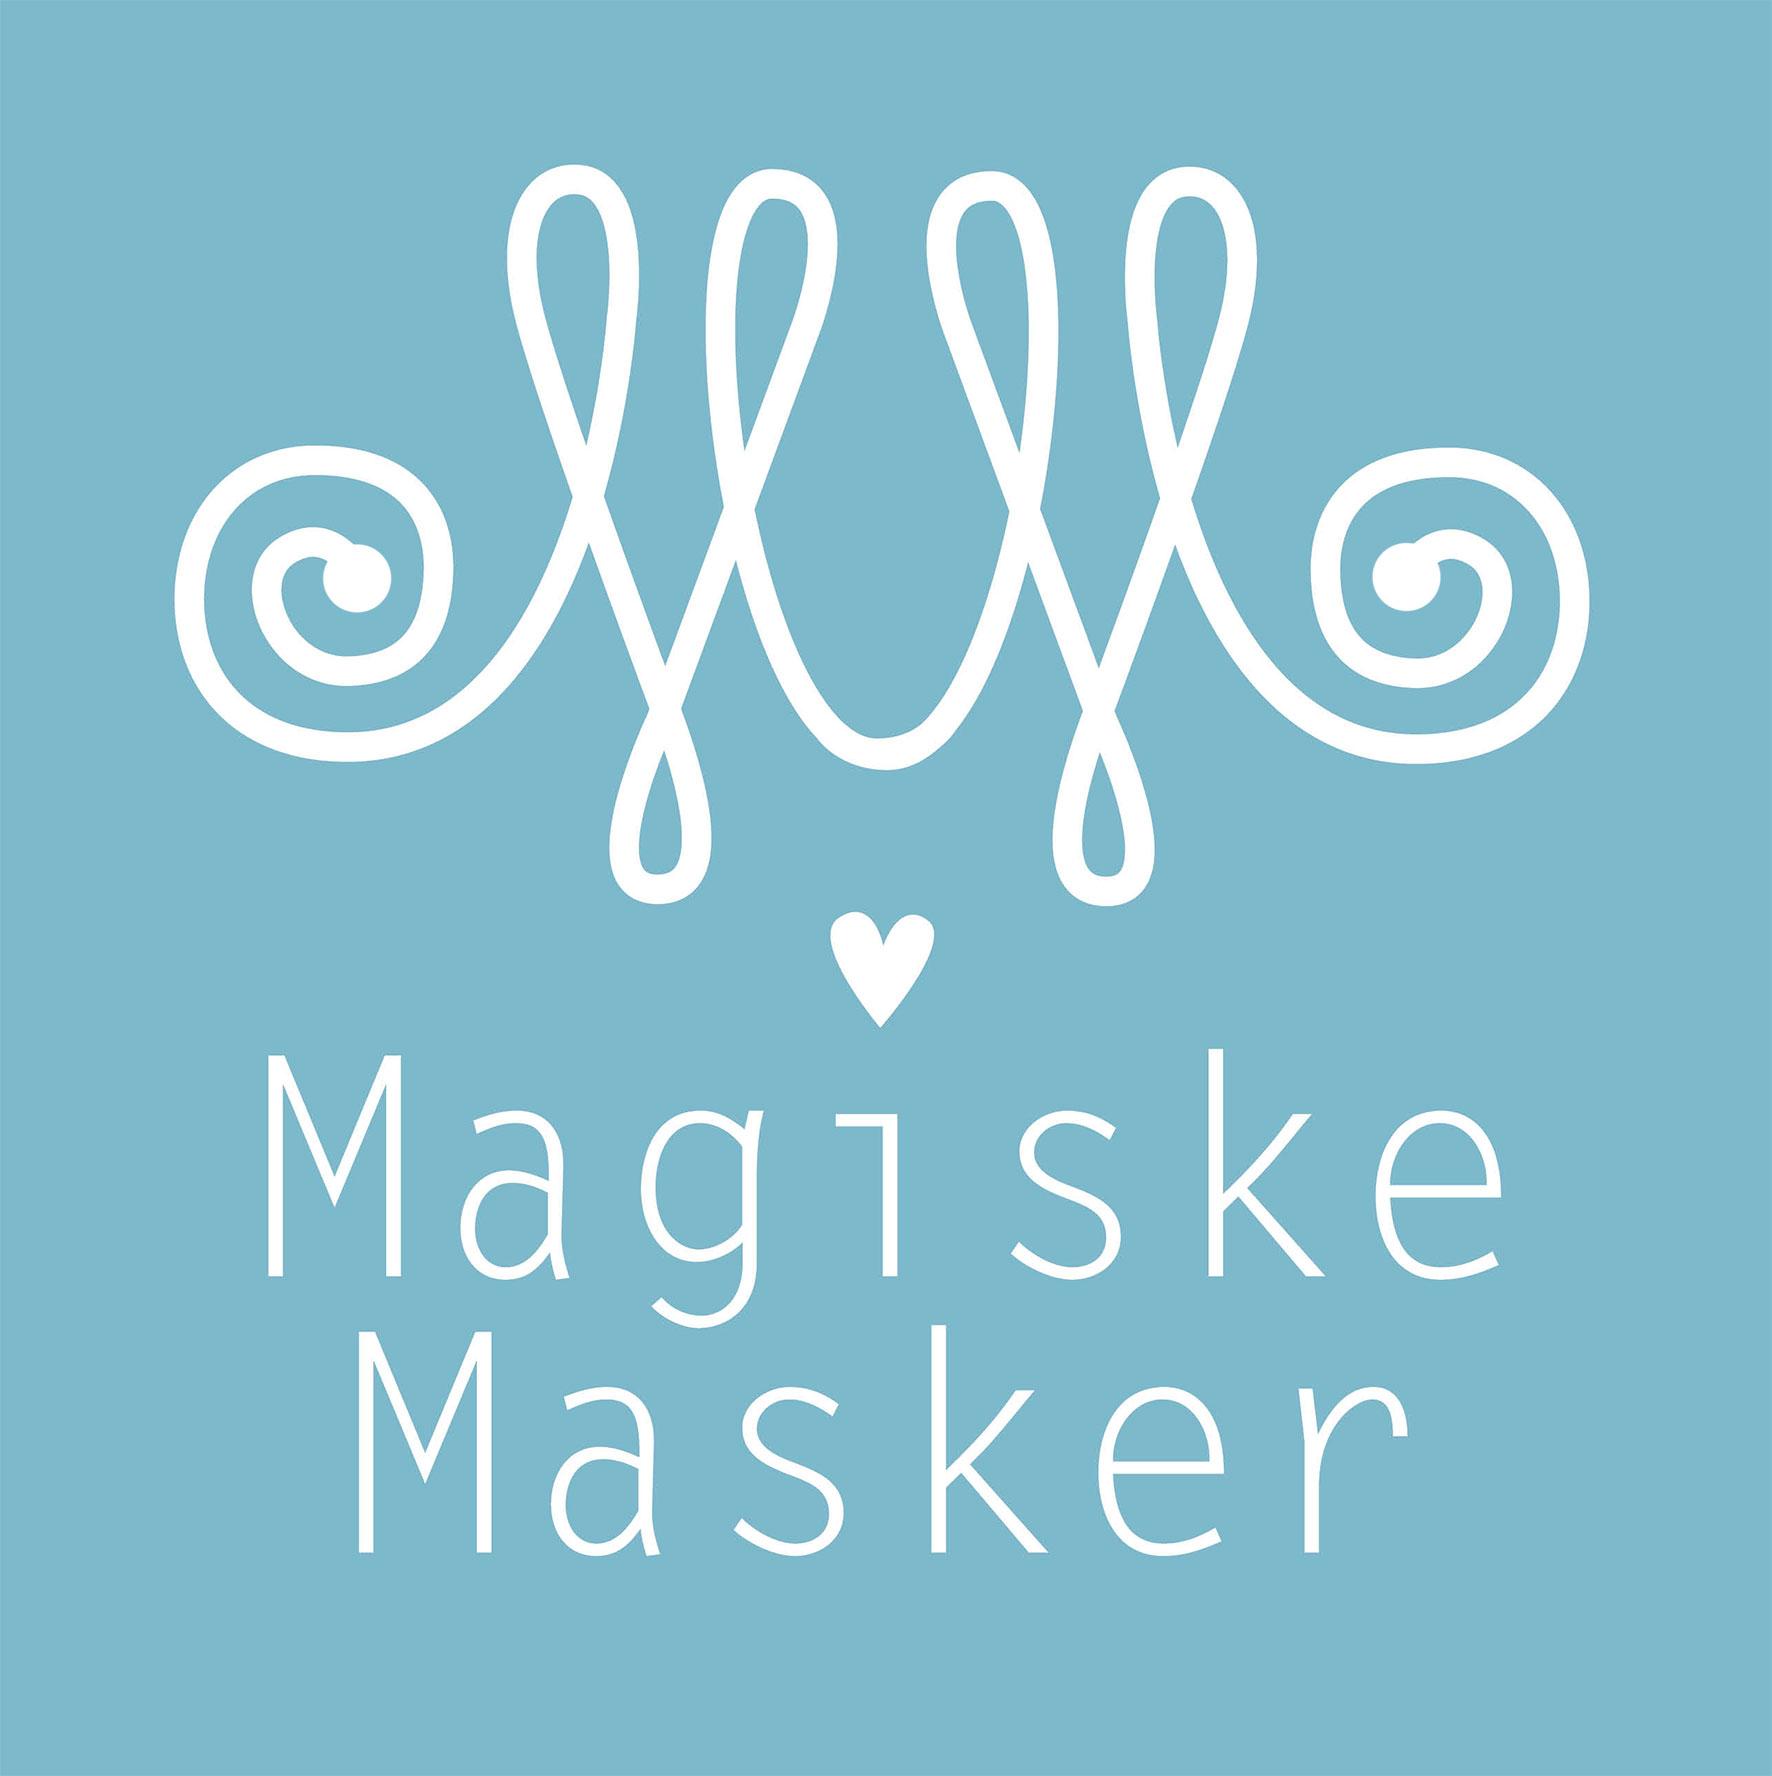 MAGISKE MASKER AS